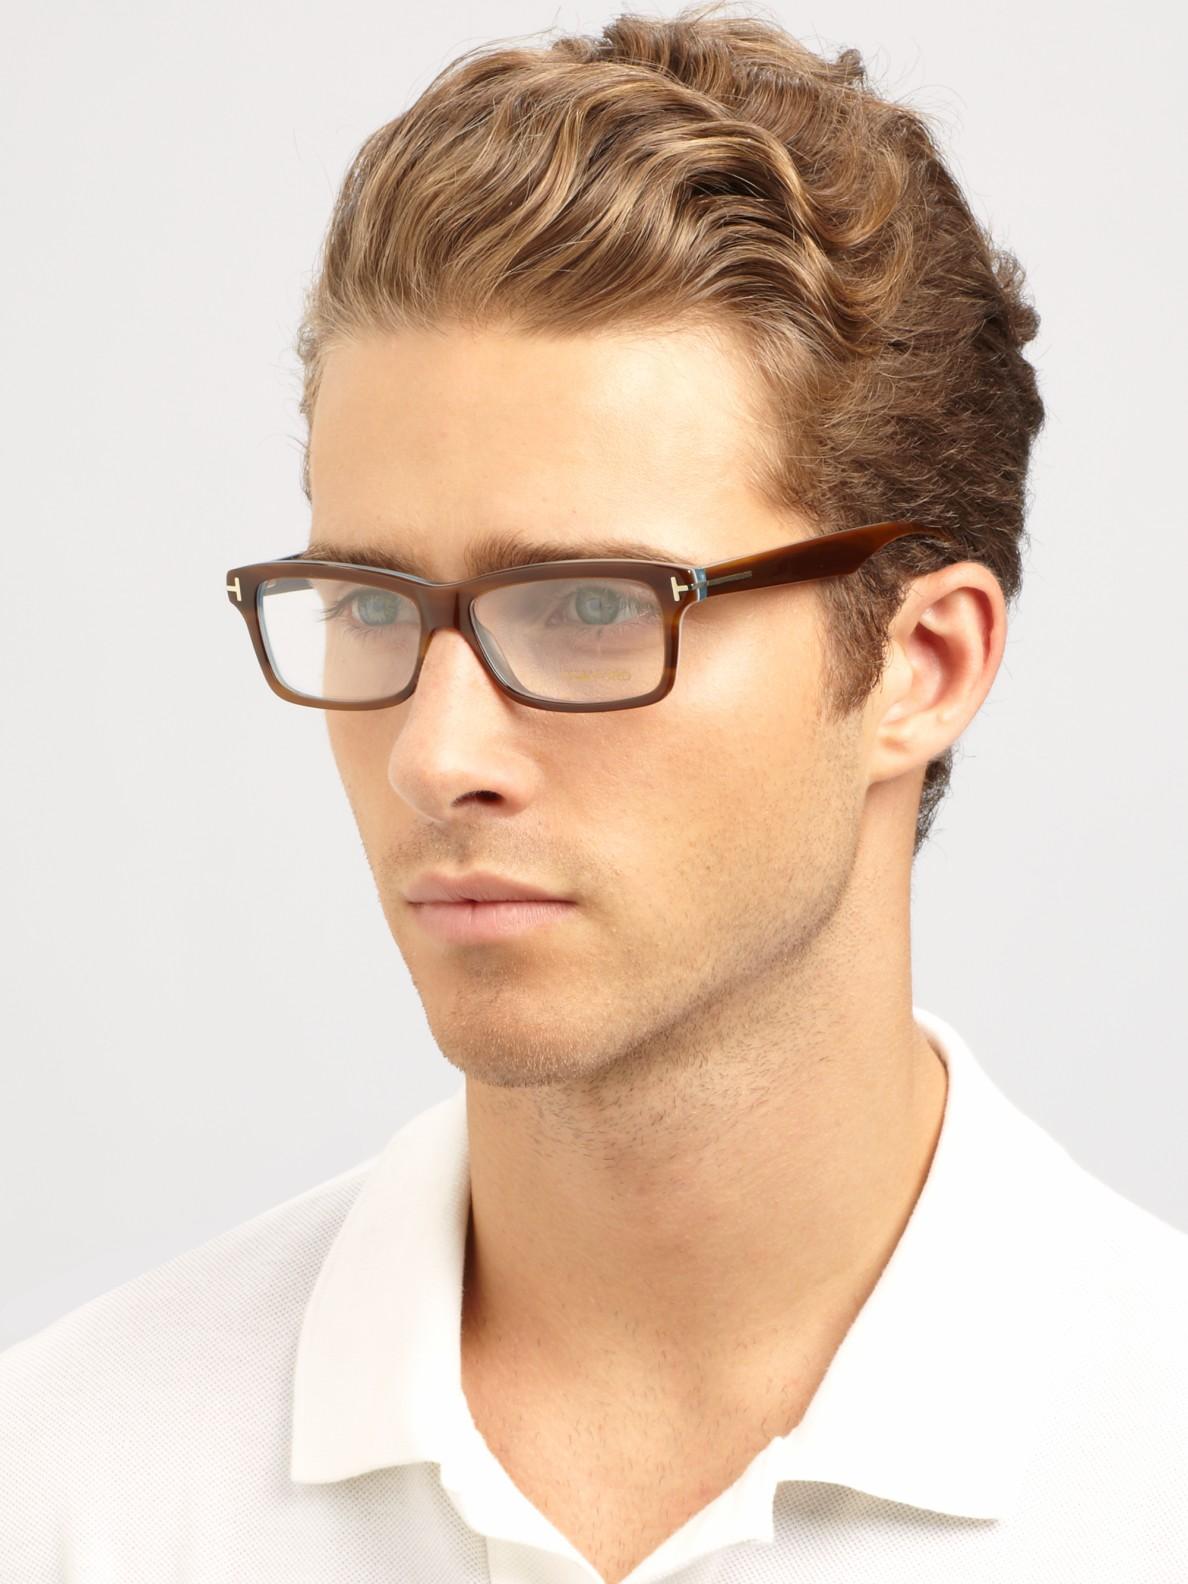 lyst tom ford plastic optical frames in brown for men. Black Bedroom Furniture Sets. Home Design Ideas